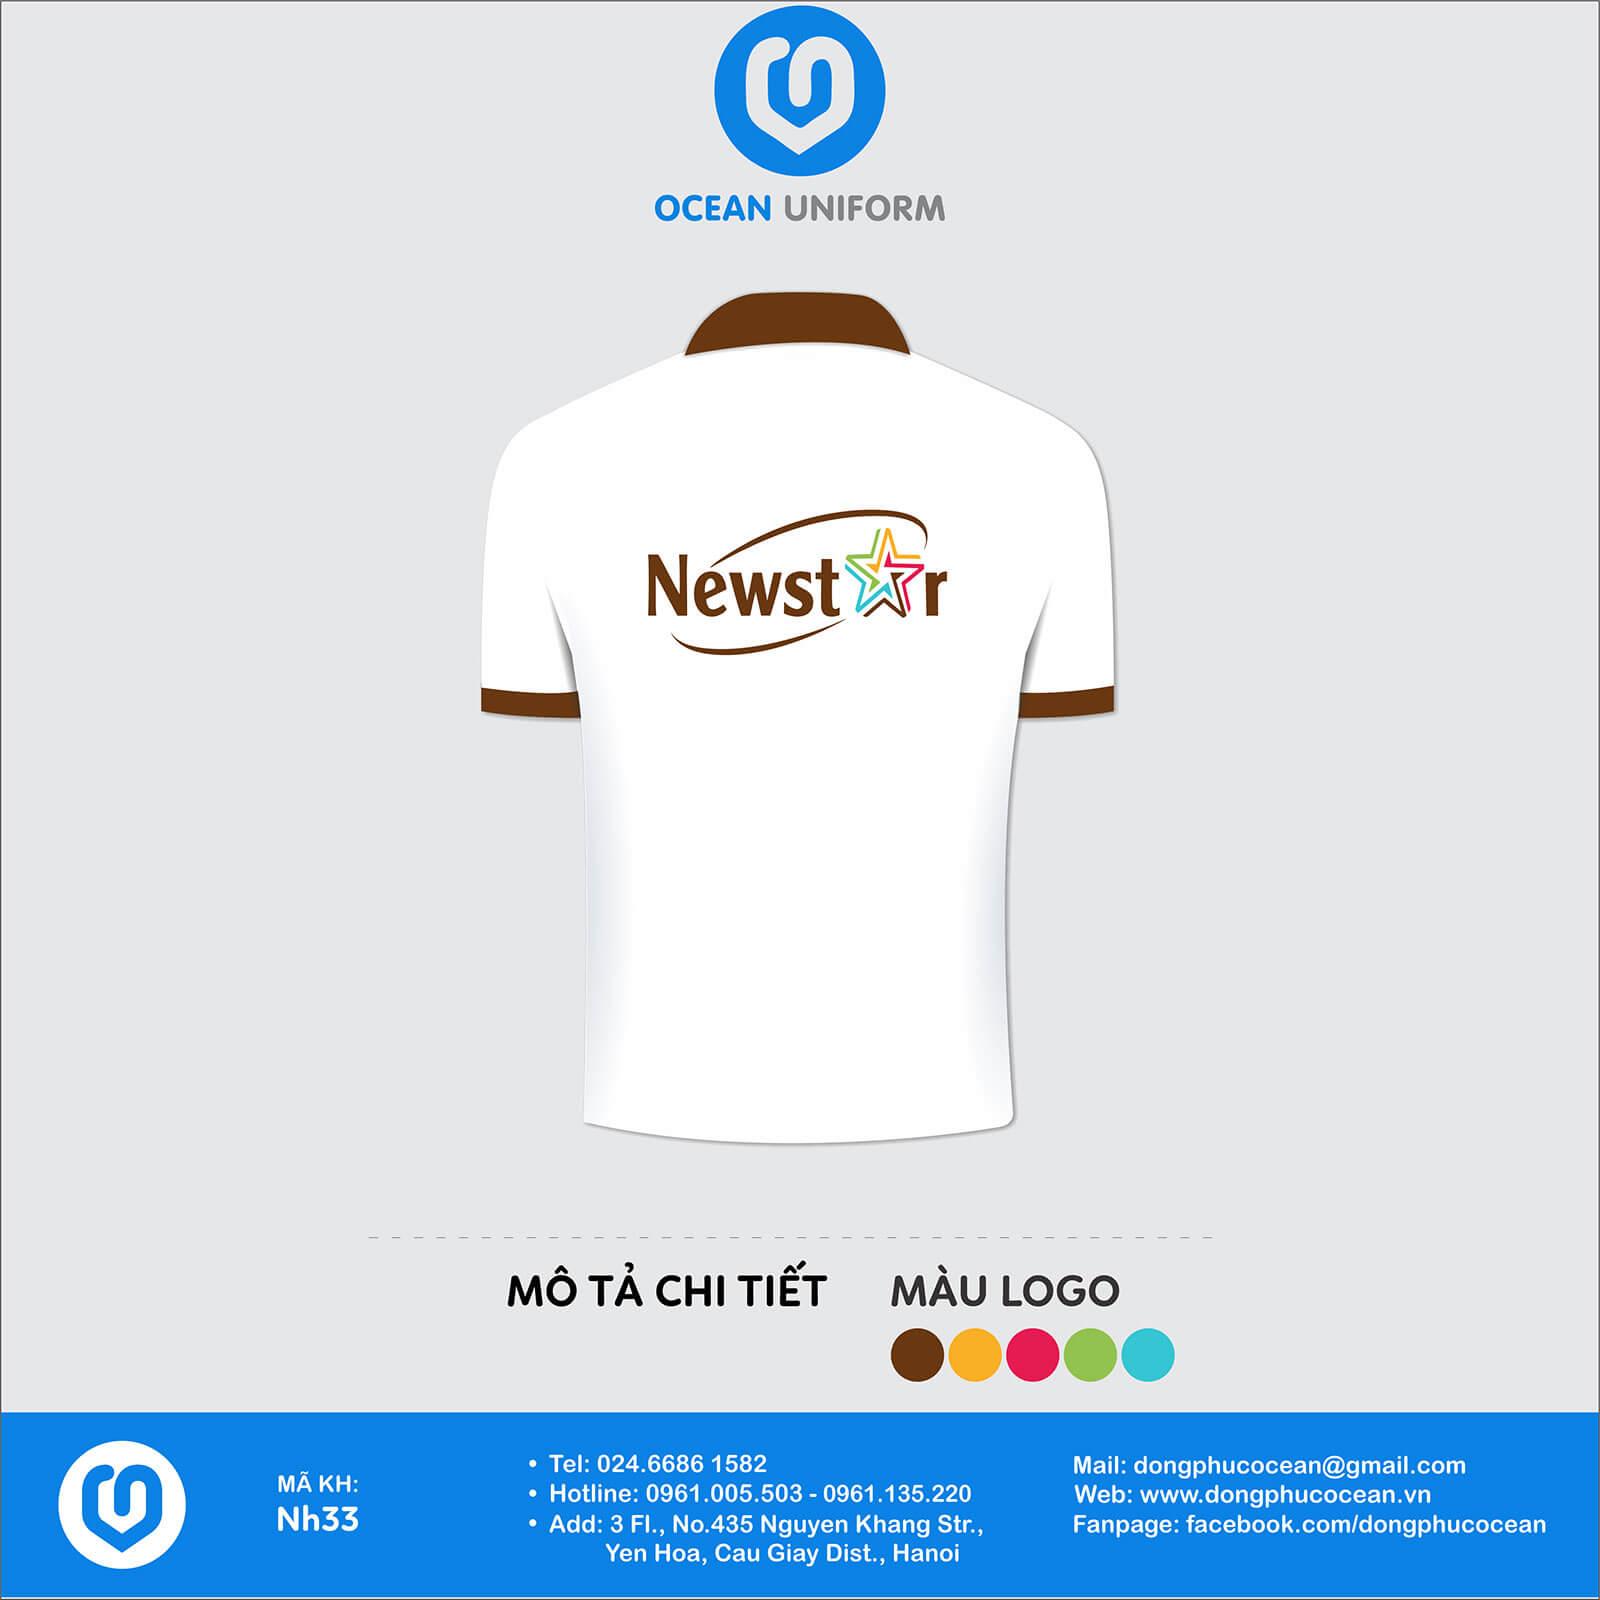 Áo đồng phục Công ty đầu tư và phát triển Newstar mặt sau